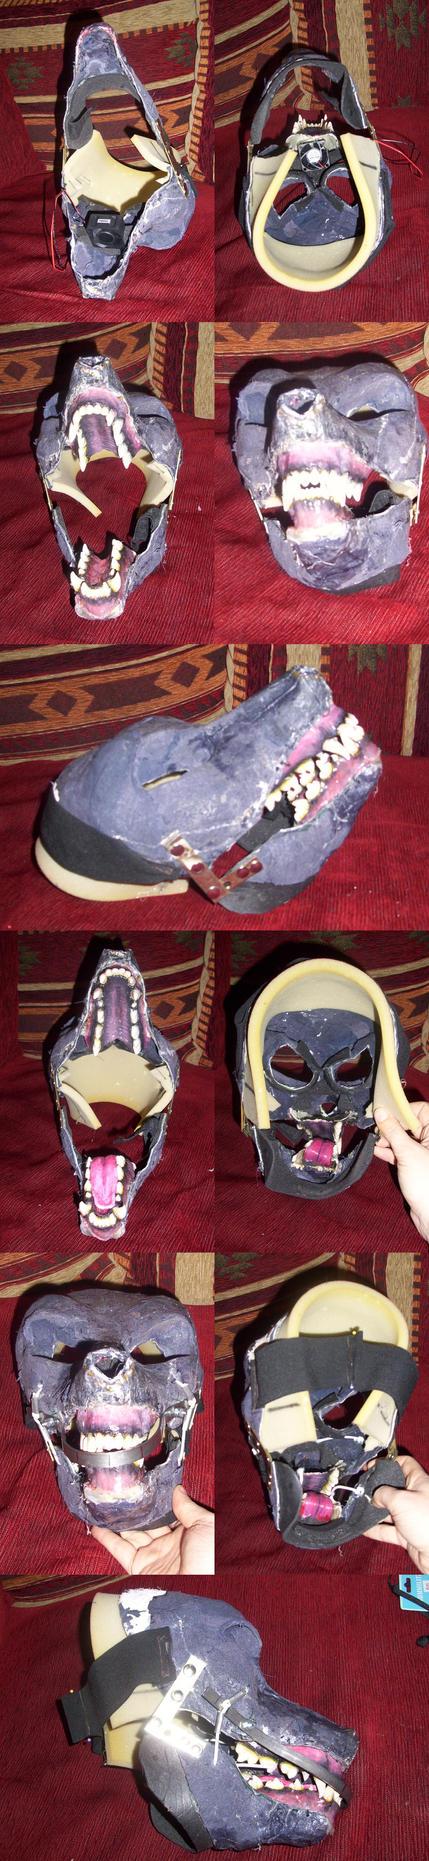 Wolf-Mask - Walkthrough 04.2 by poisonmilow